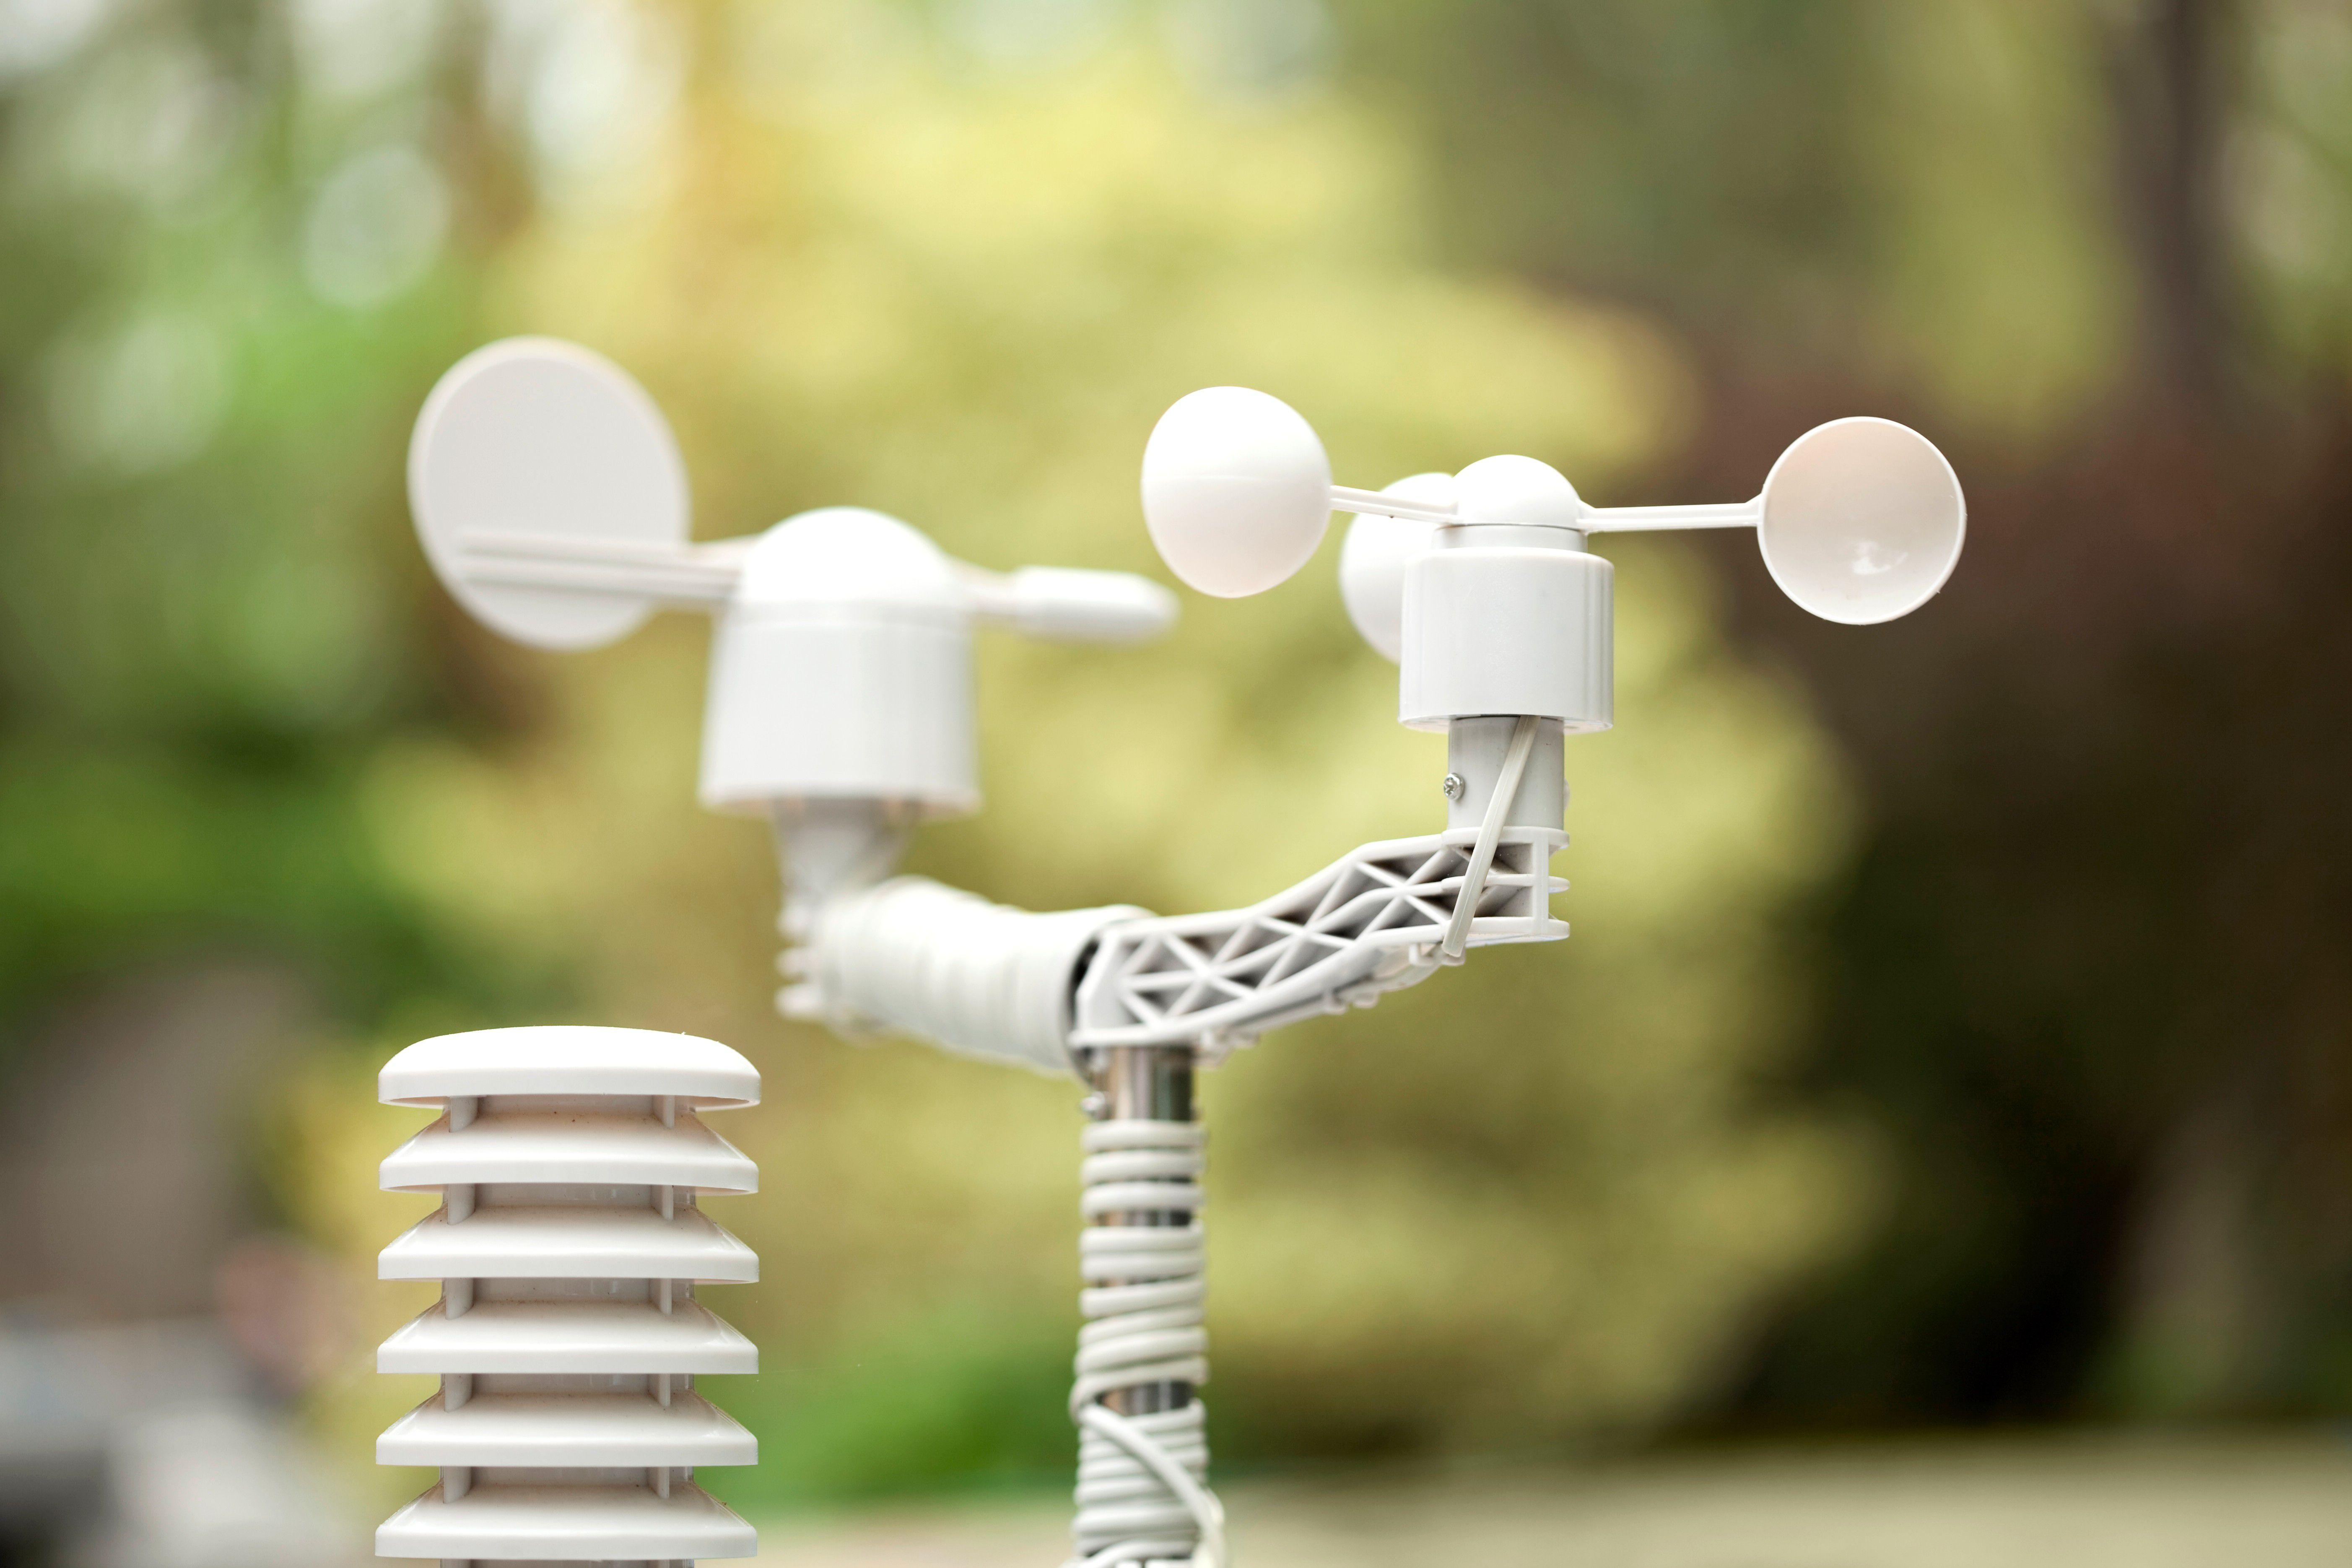 A small, backyard personal weather anemometer